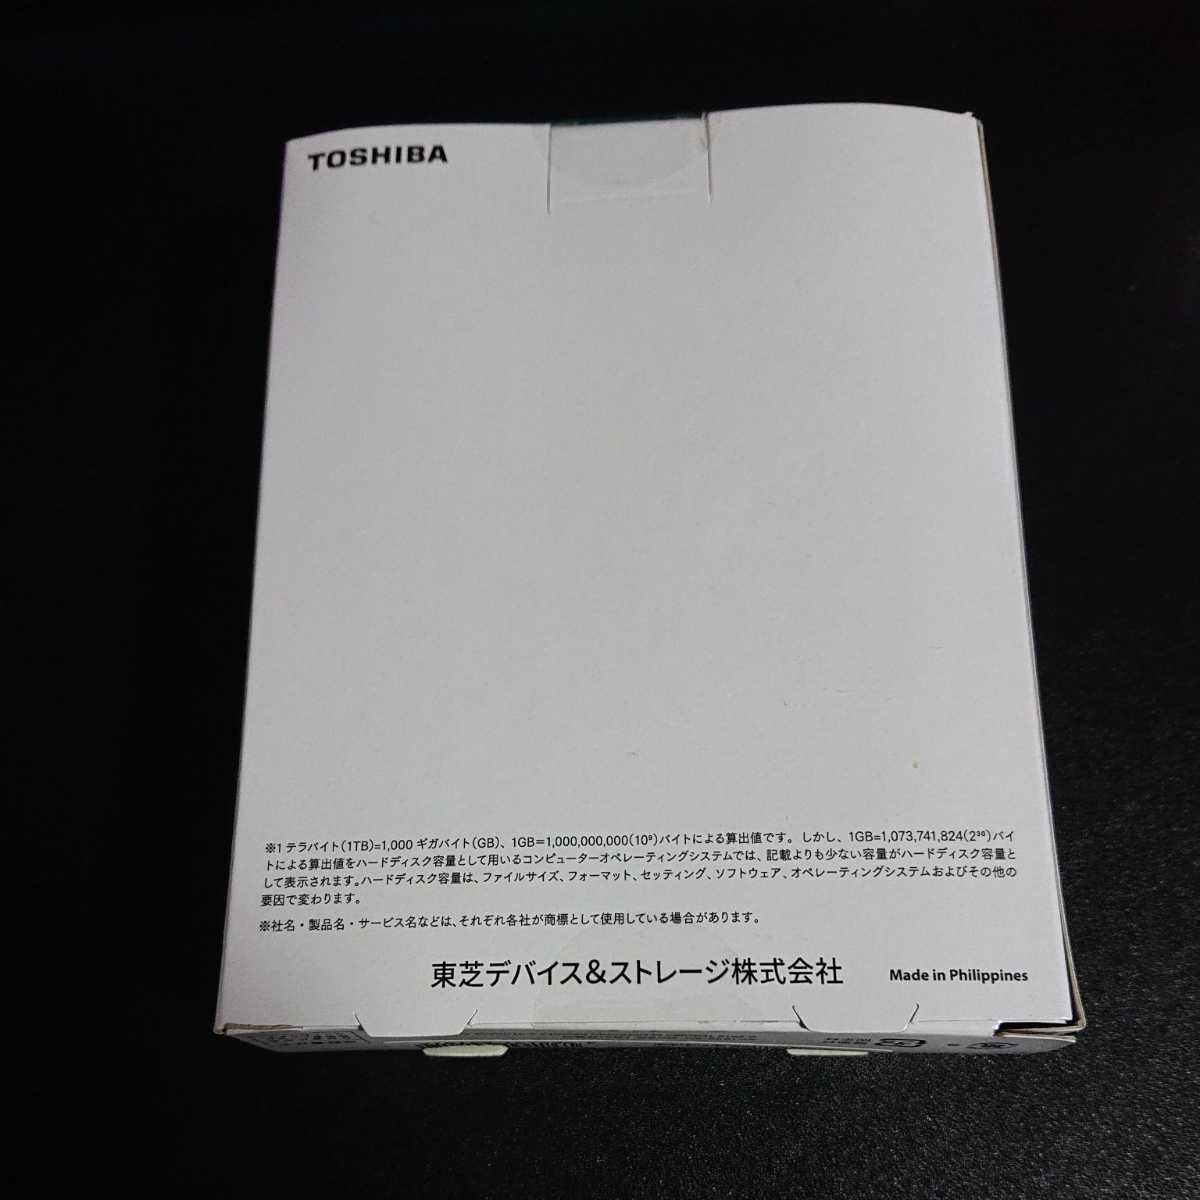 新品・未開封・送料無料 TOSHIBA HDAD05AK3-FP ブラック 外付 USB ポータブルハードディスク 500GB